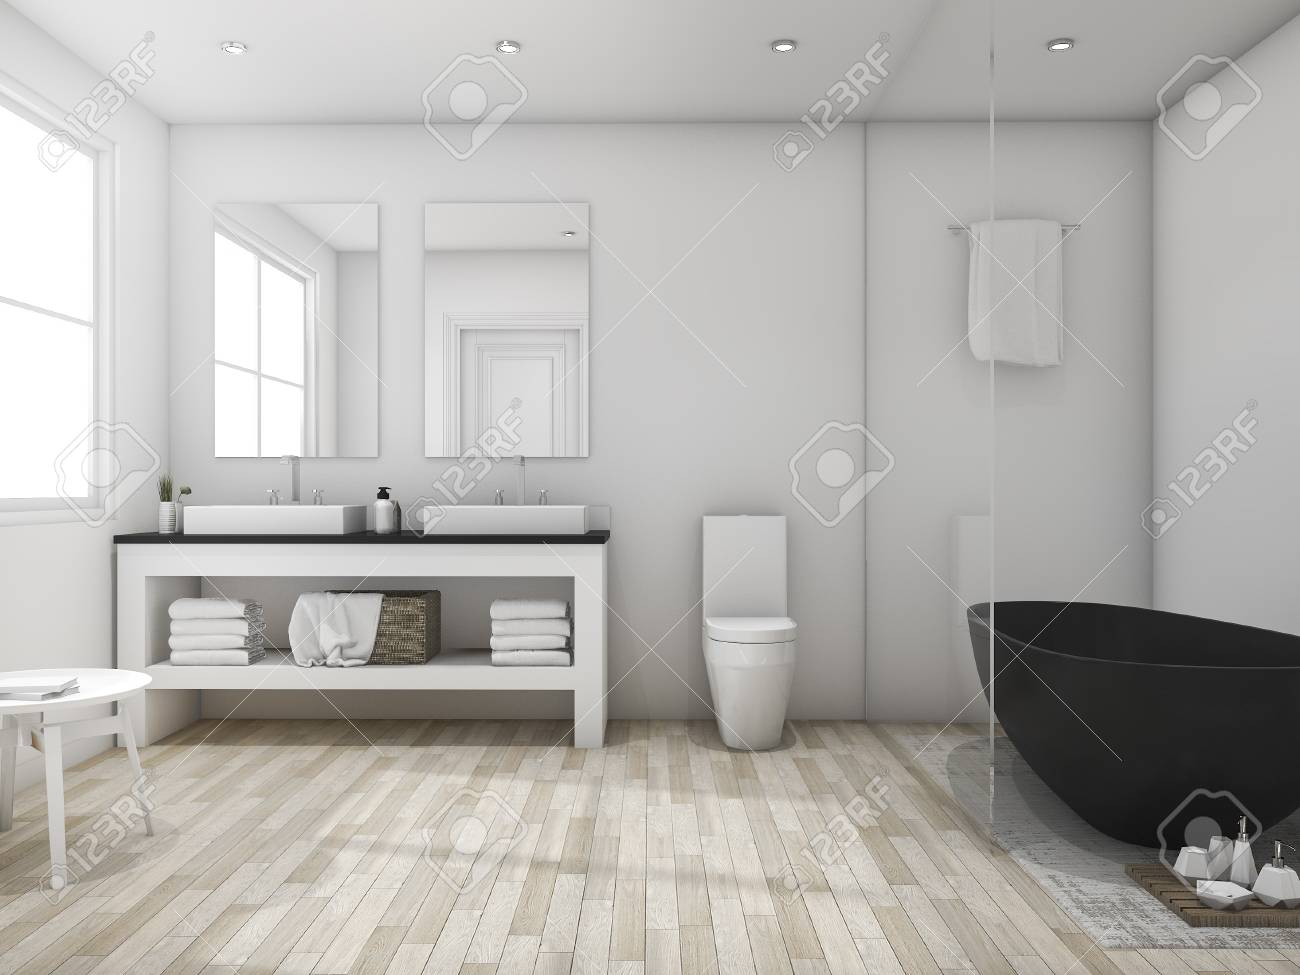 Cuarto de baño minimalista del desvanecimiento 3d con la bañera negra